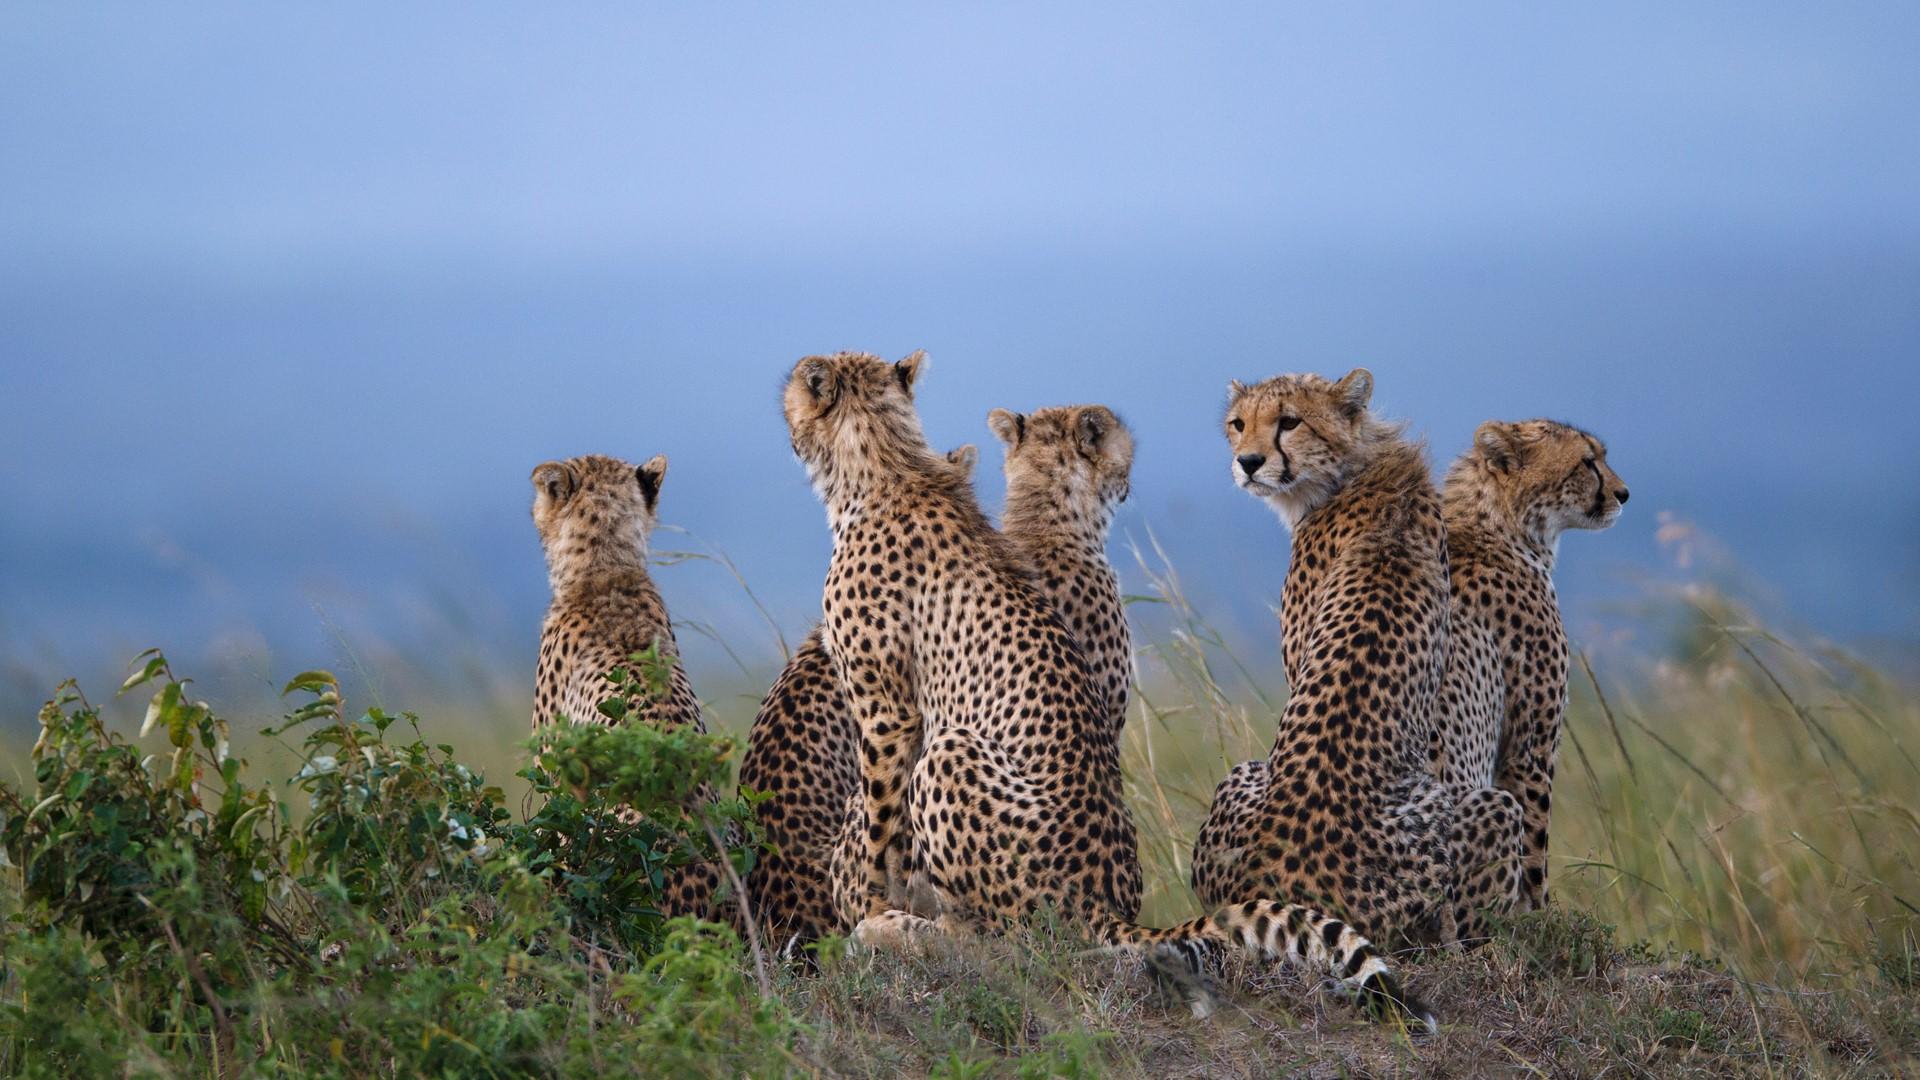 Cheetahs sitting in savannah field Maasai Mara National Reserve 1920x1080